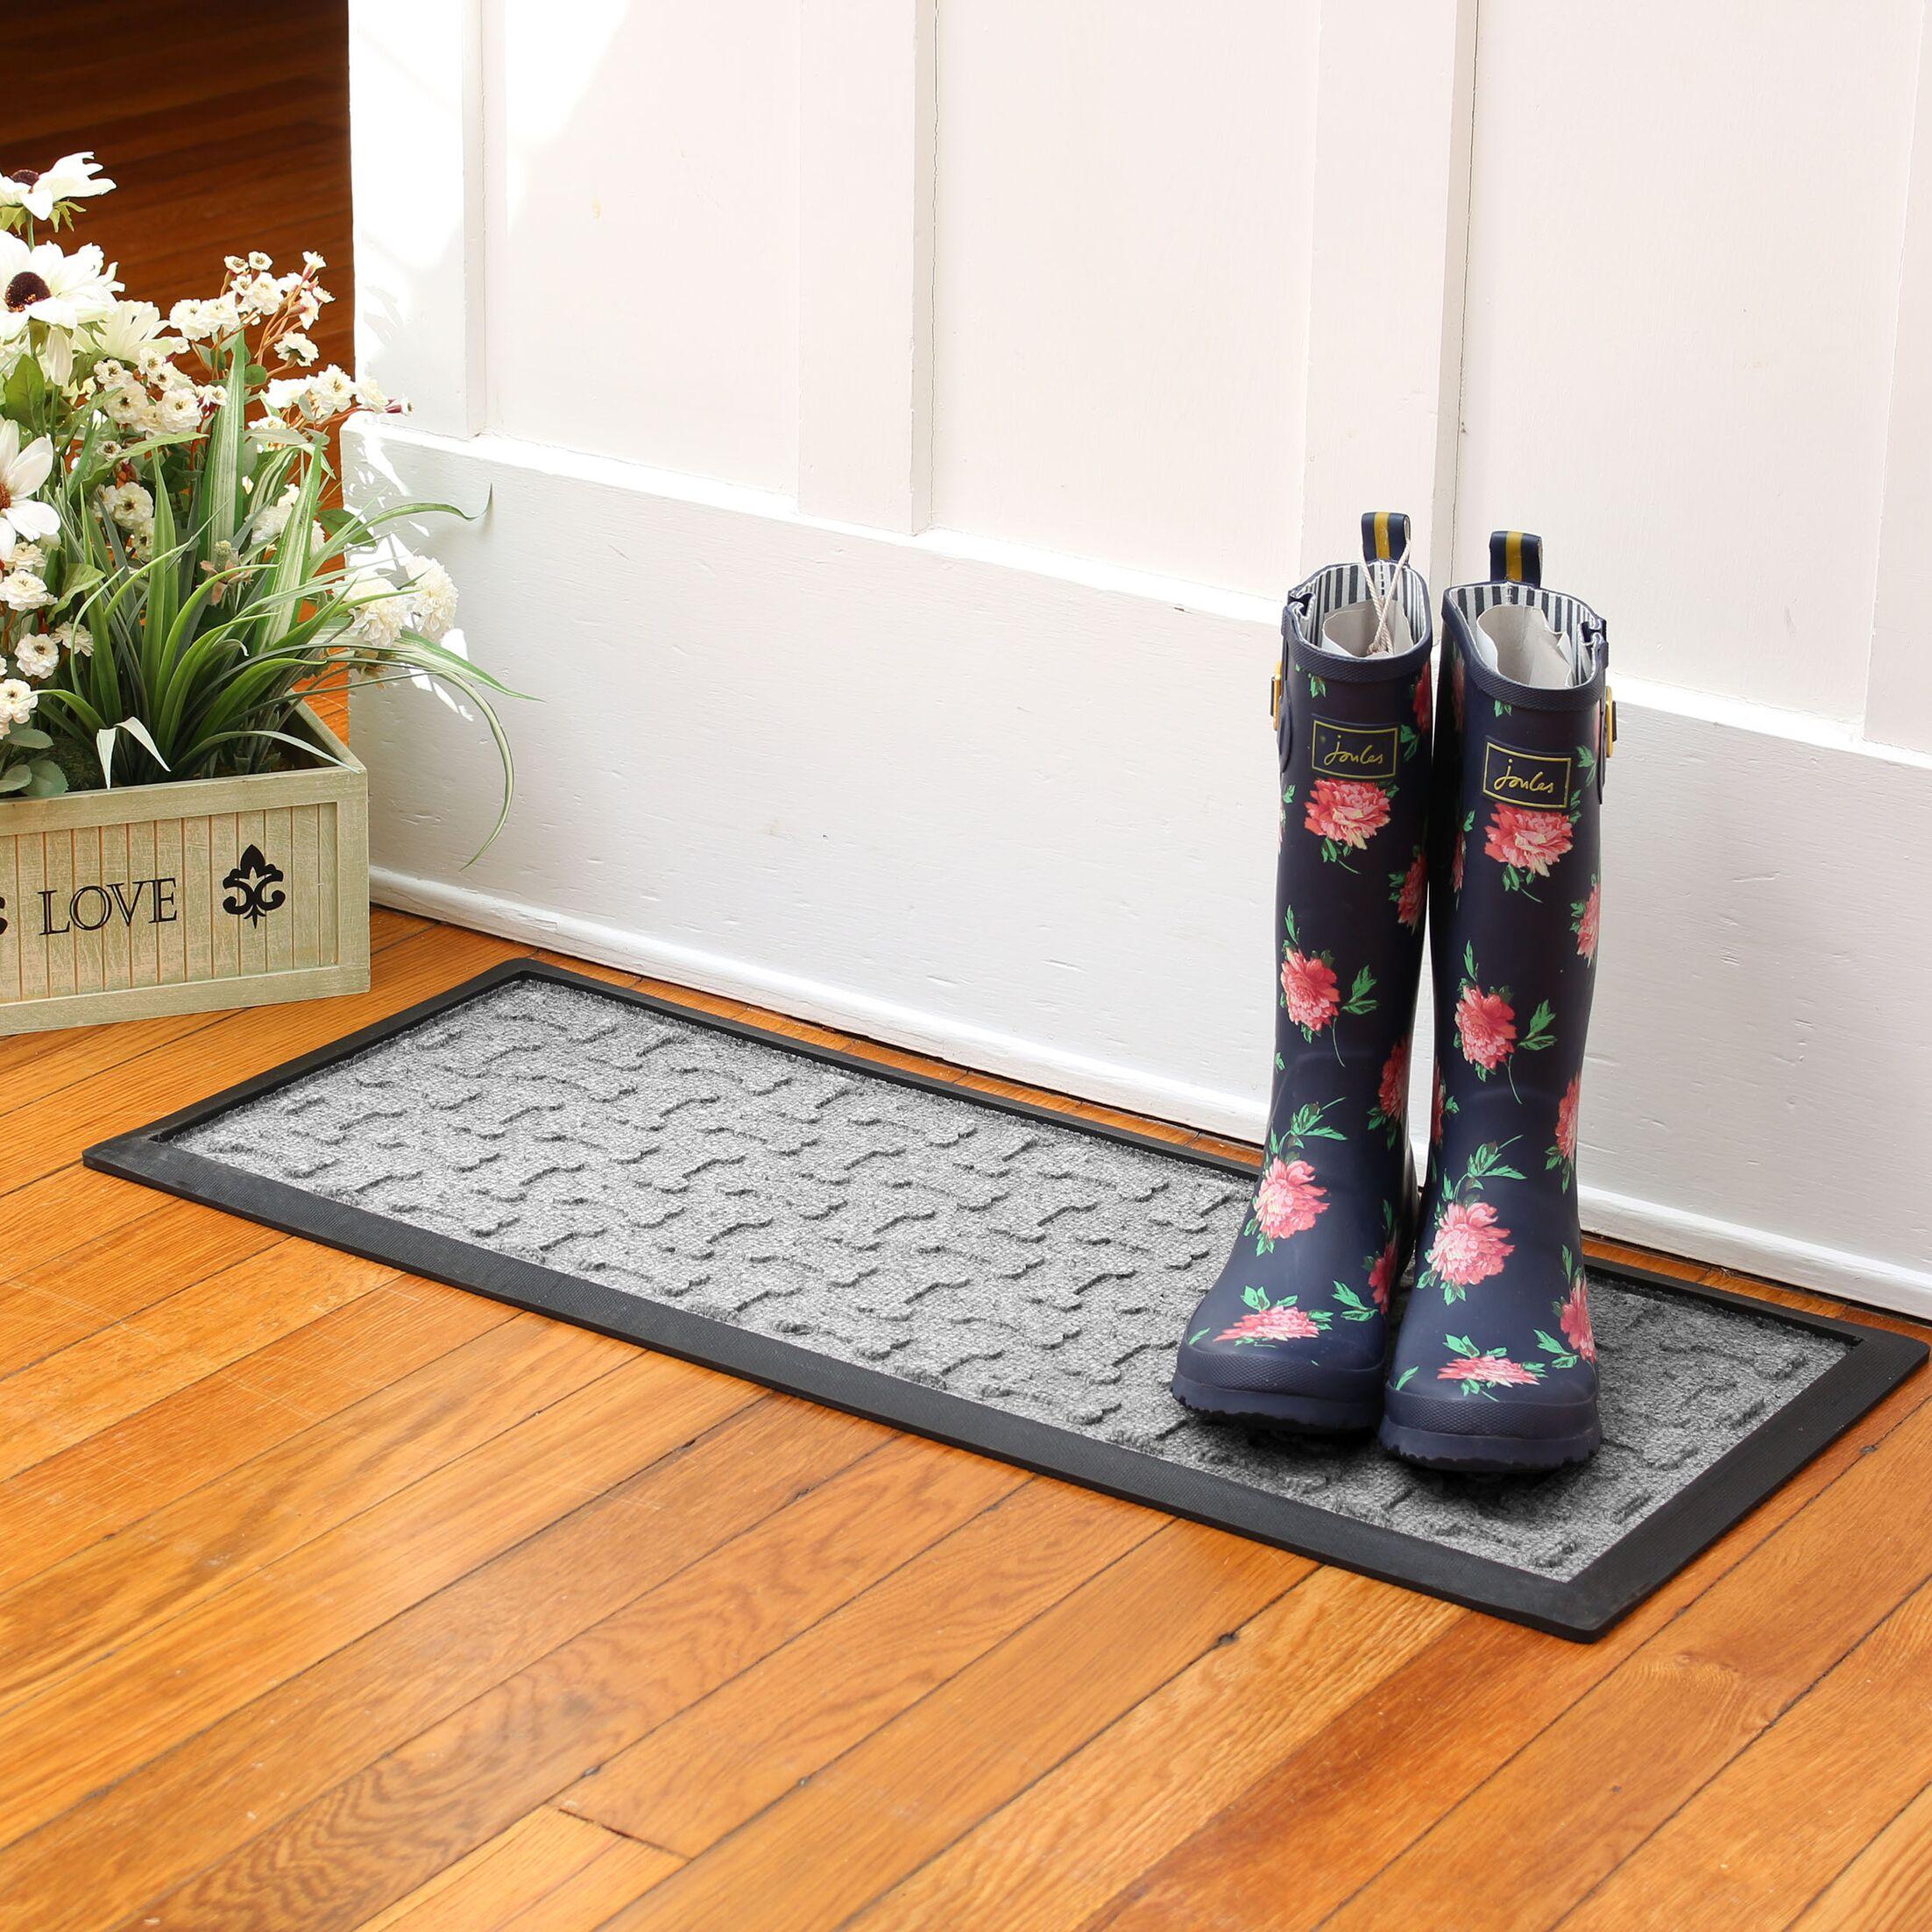 Amald Dog Treats Boot Tray Color: Medium Gray